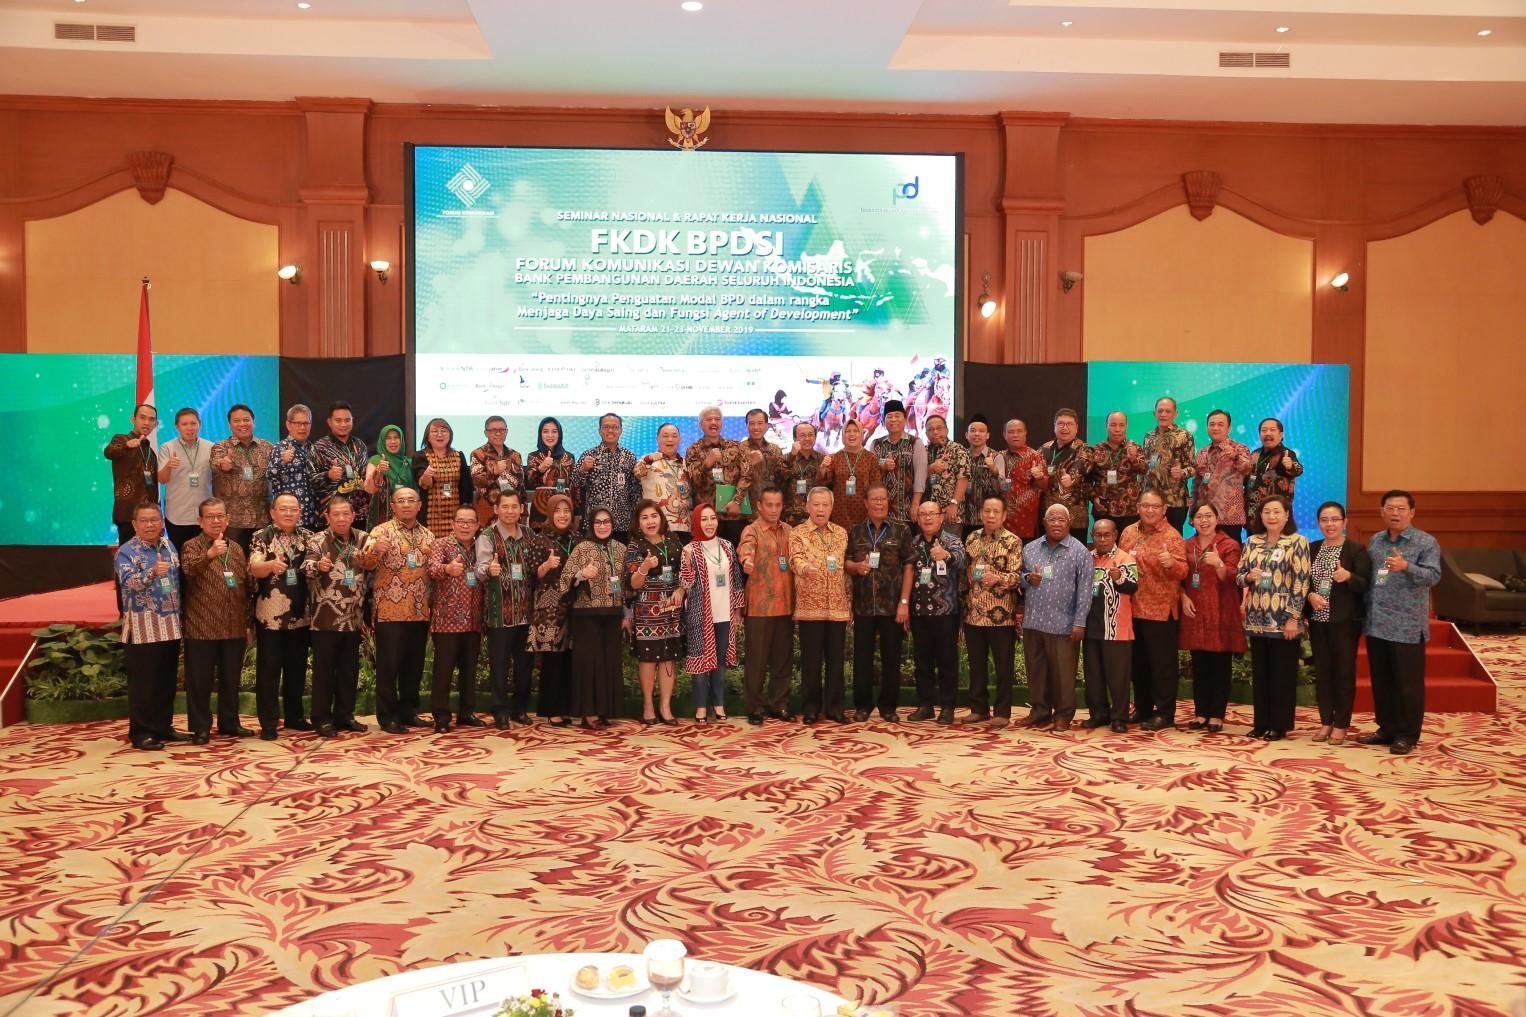 Bank-NTB-Syariah-Jadi-Tuan-Rumah-Seminar-dan-Rapat-Kerja-Nasional-Forum-Komunikasi-Dewan-Komisaris-Bank-Pembangunan-Daerah-Seluruh-Indonesia-FKDK-BPDSI-